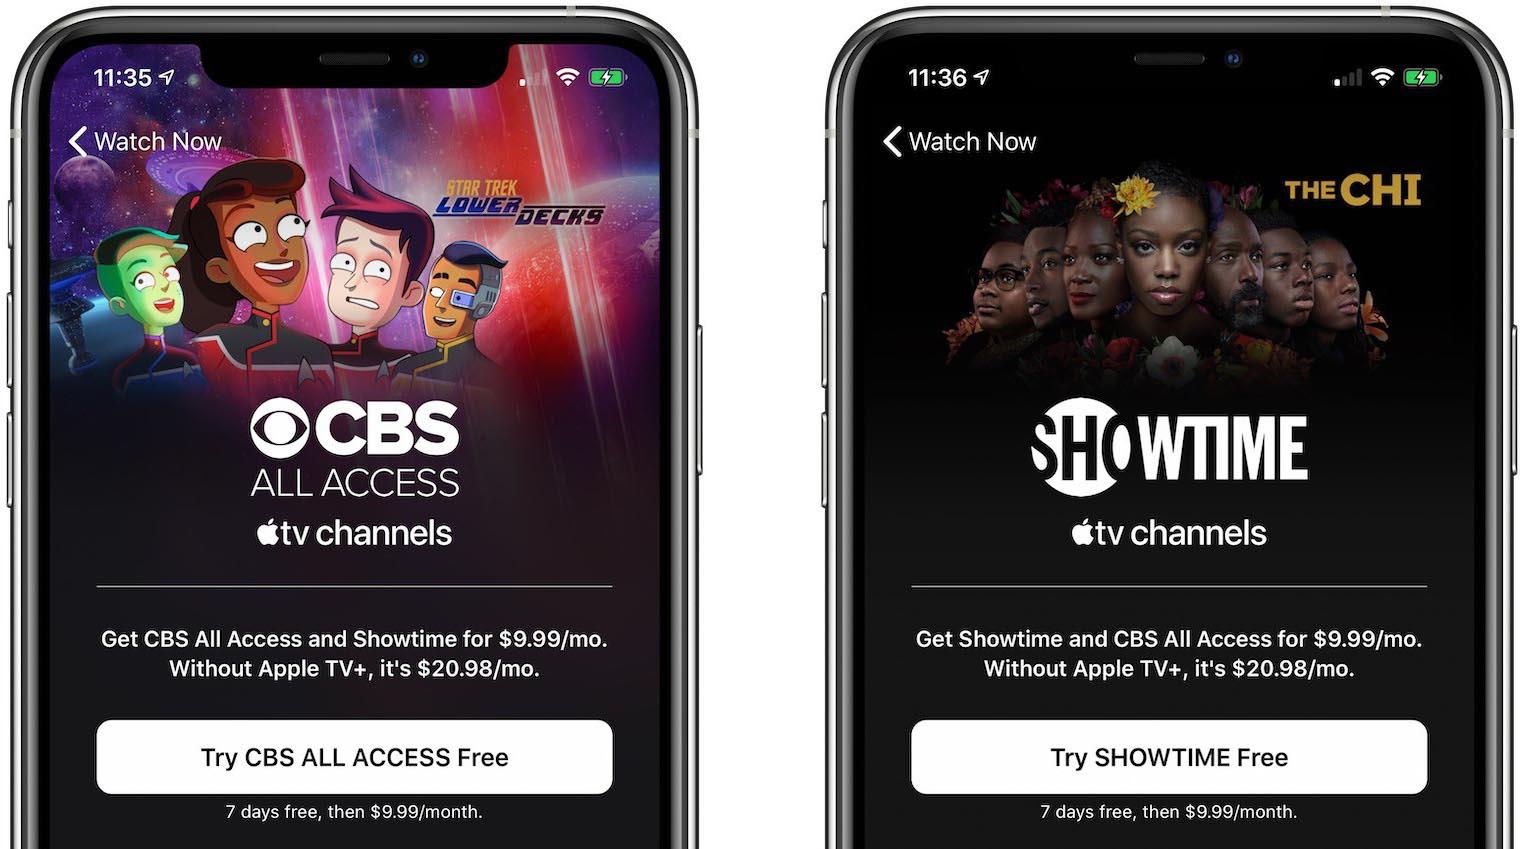 Apple TV+ CBS Showtime bundle